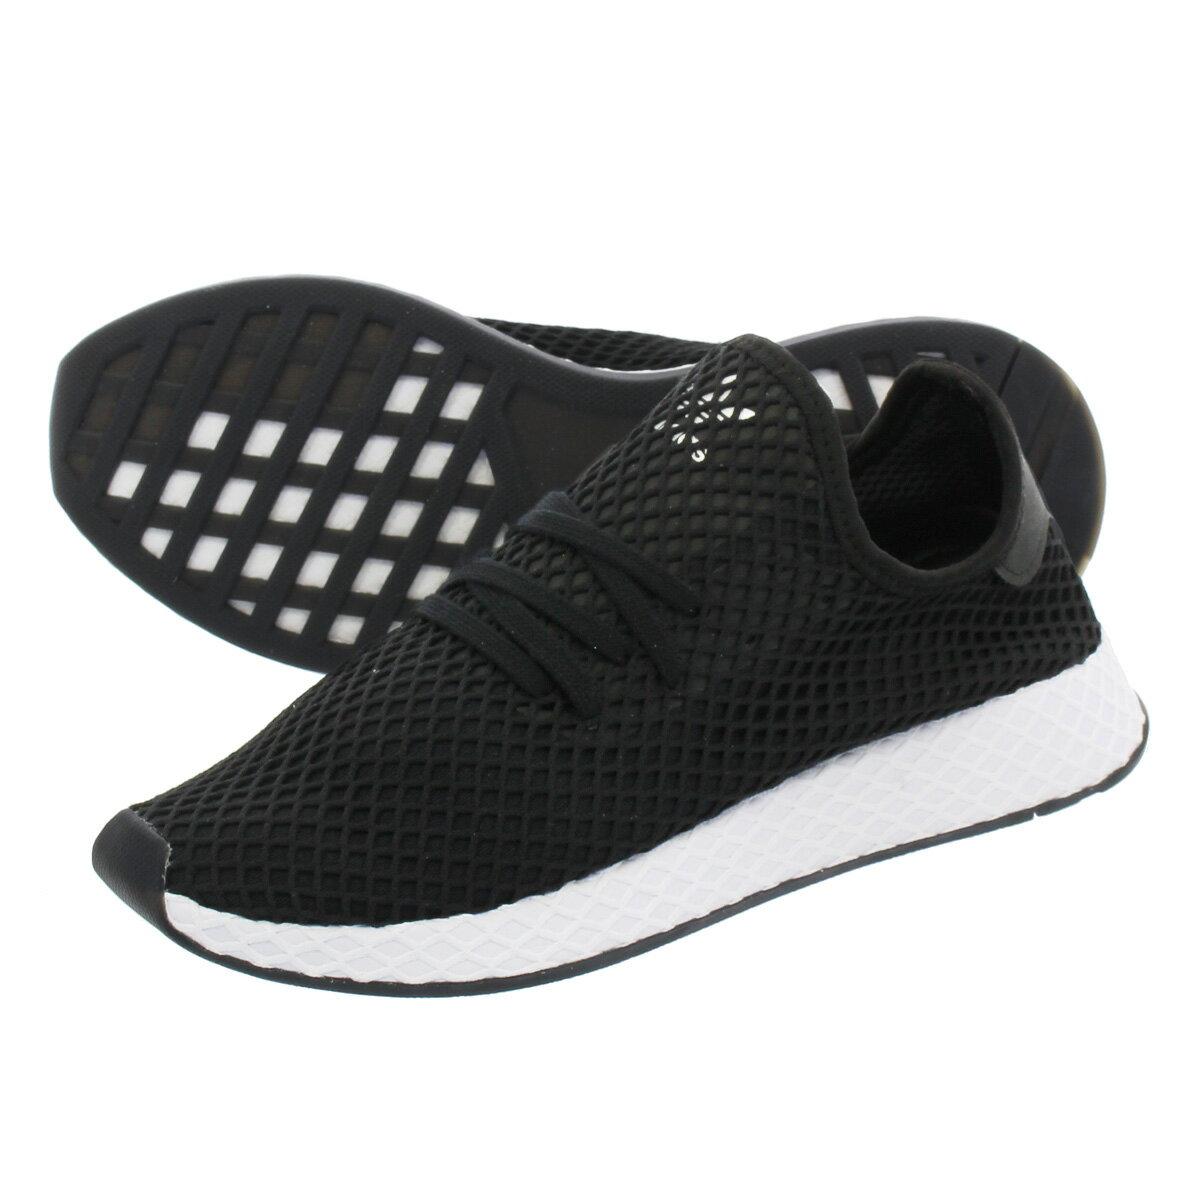 メンズ靴, スニーカー  adidas DEERUPT RUNNER KICKS LAB. KICKS LAB. EXCLUSIVE CORE BLACKCORE BLACKRUNNING WHITE